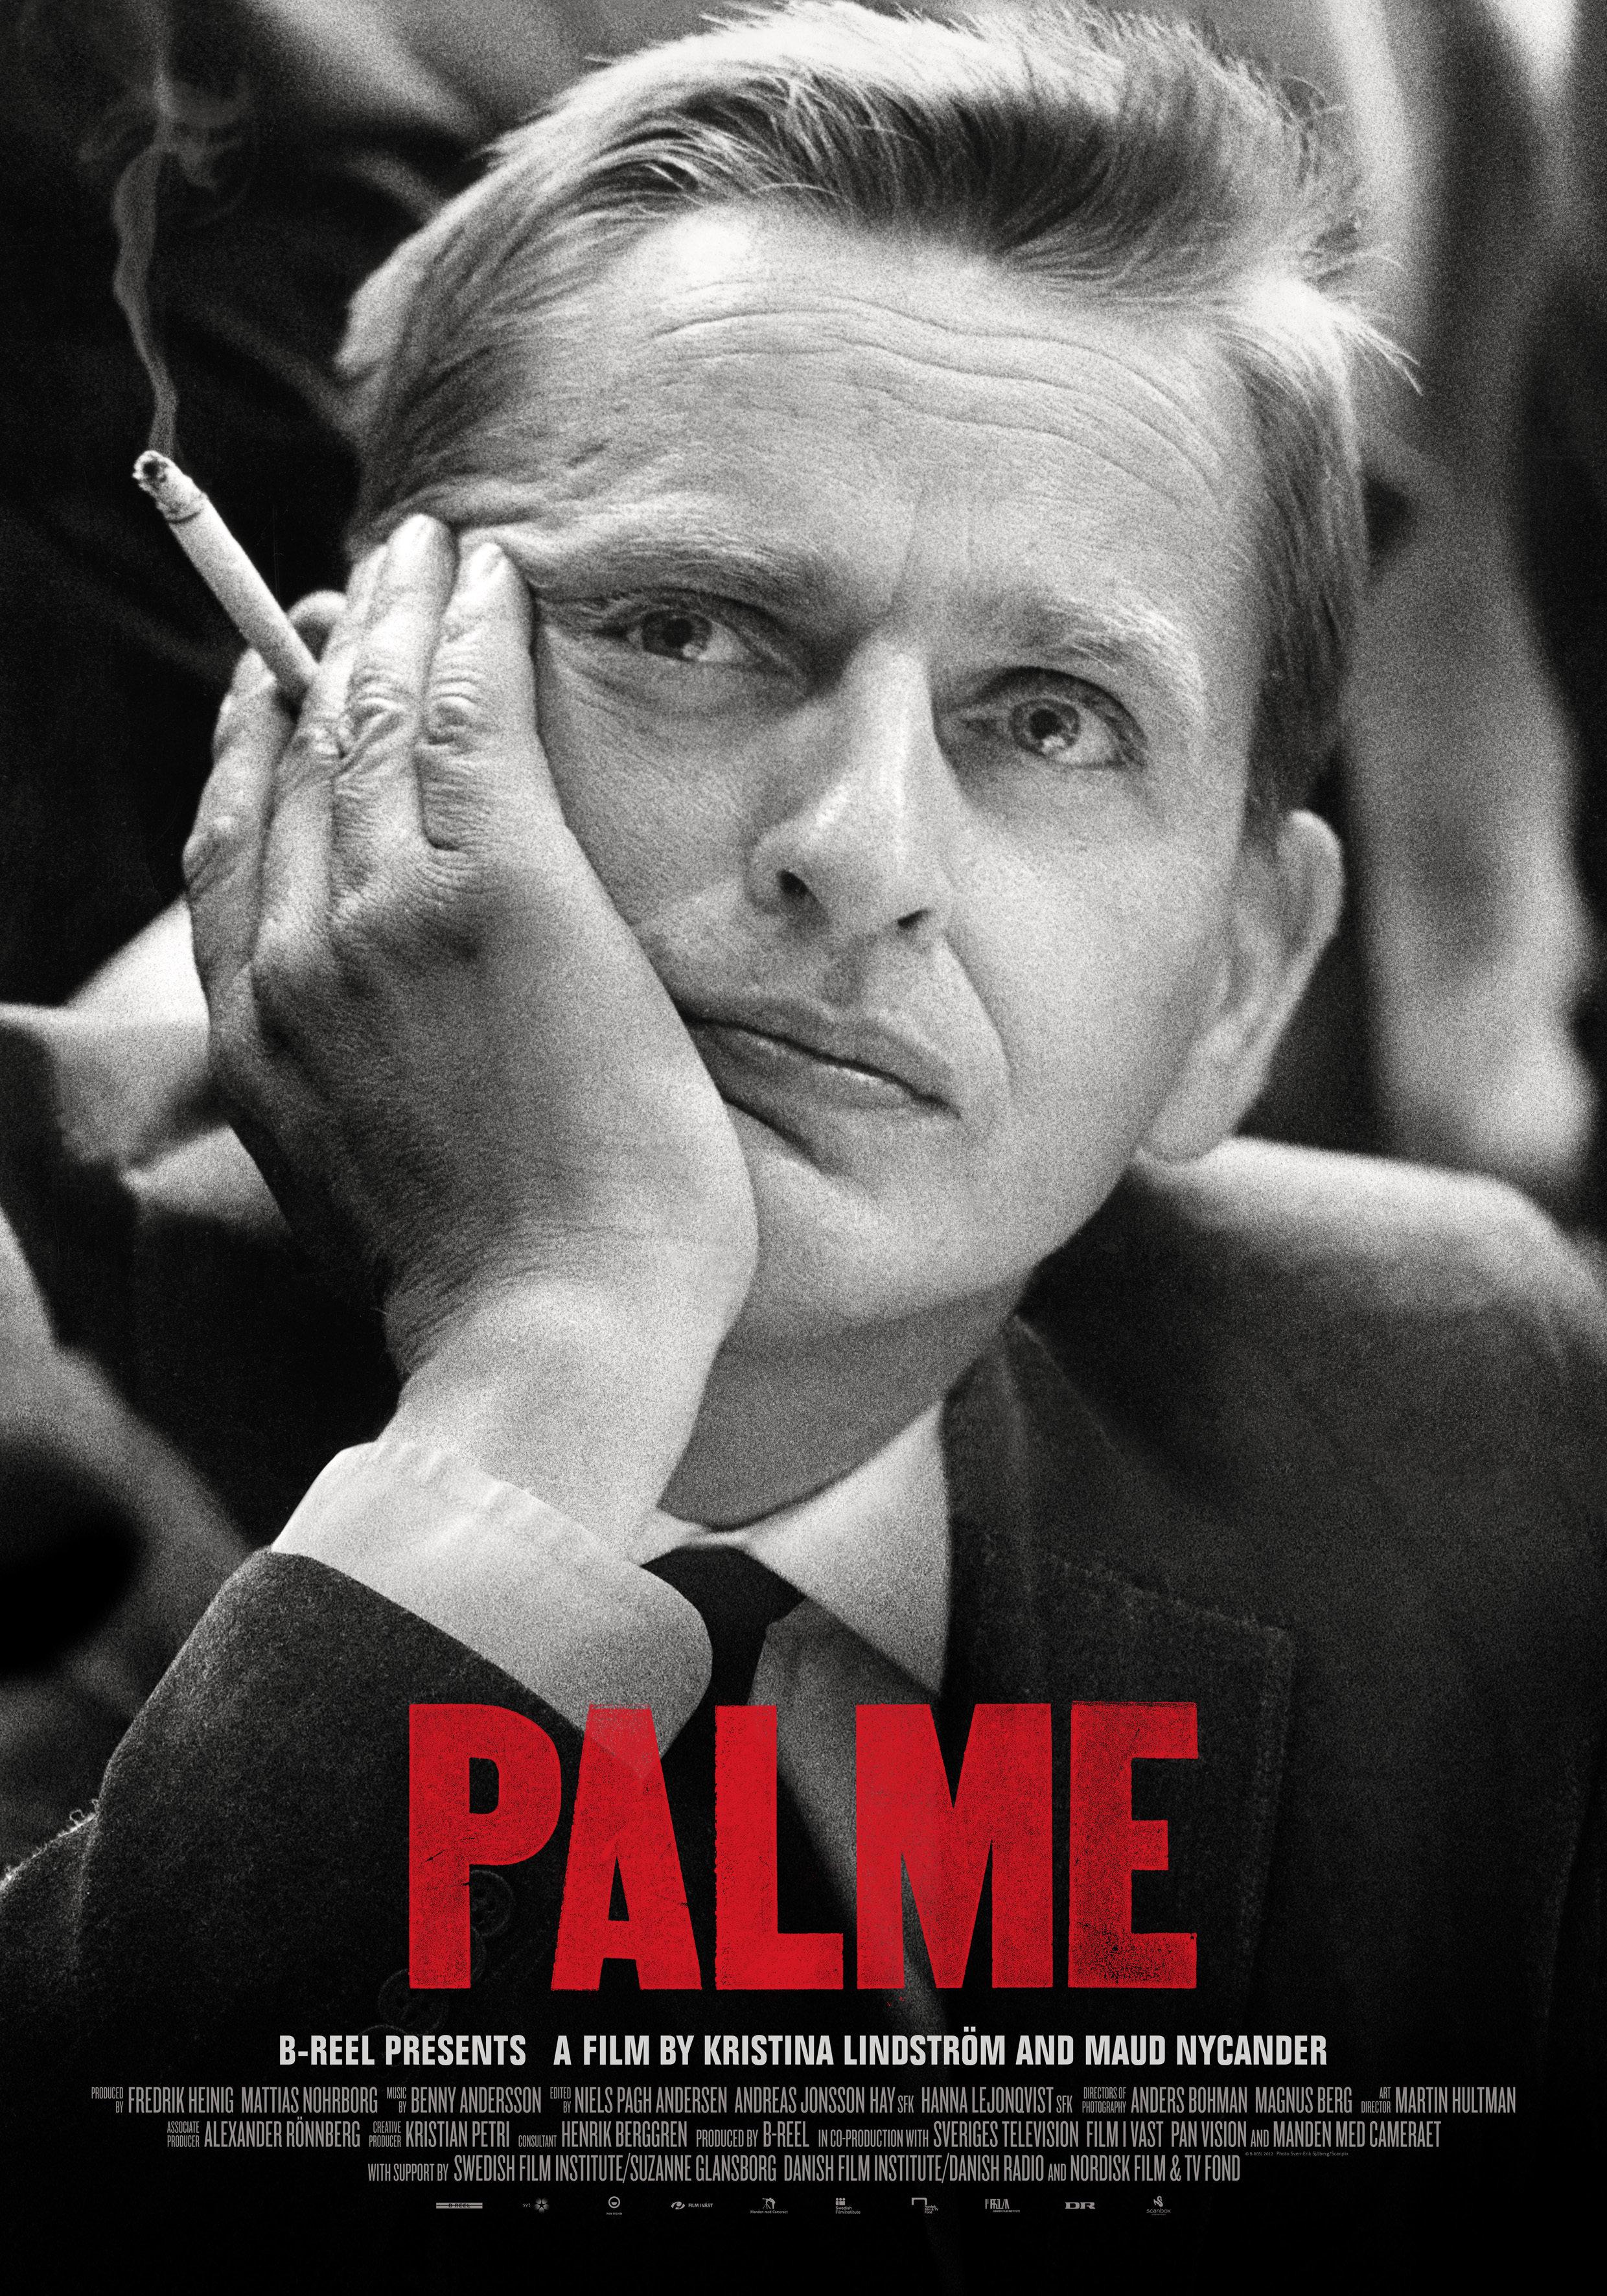 دانلود زیرنویس فارسی فیلم Palme